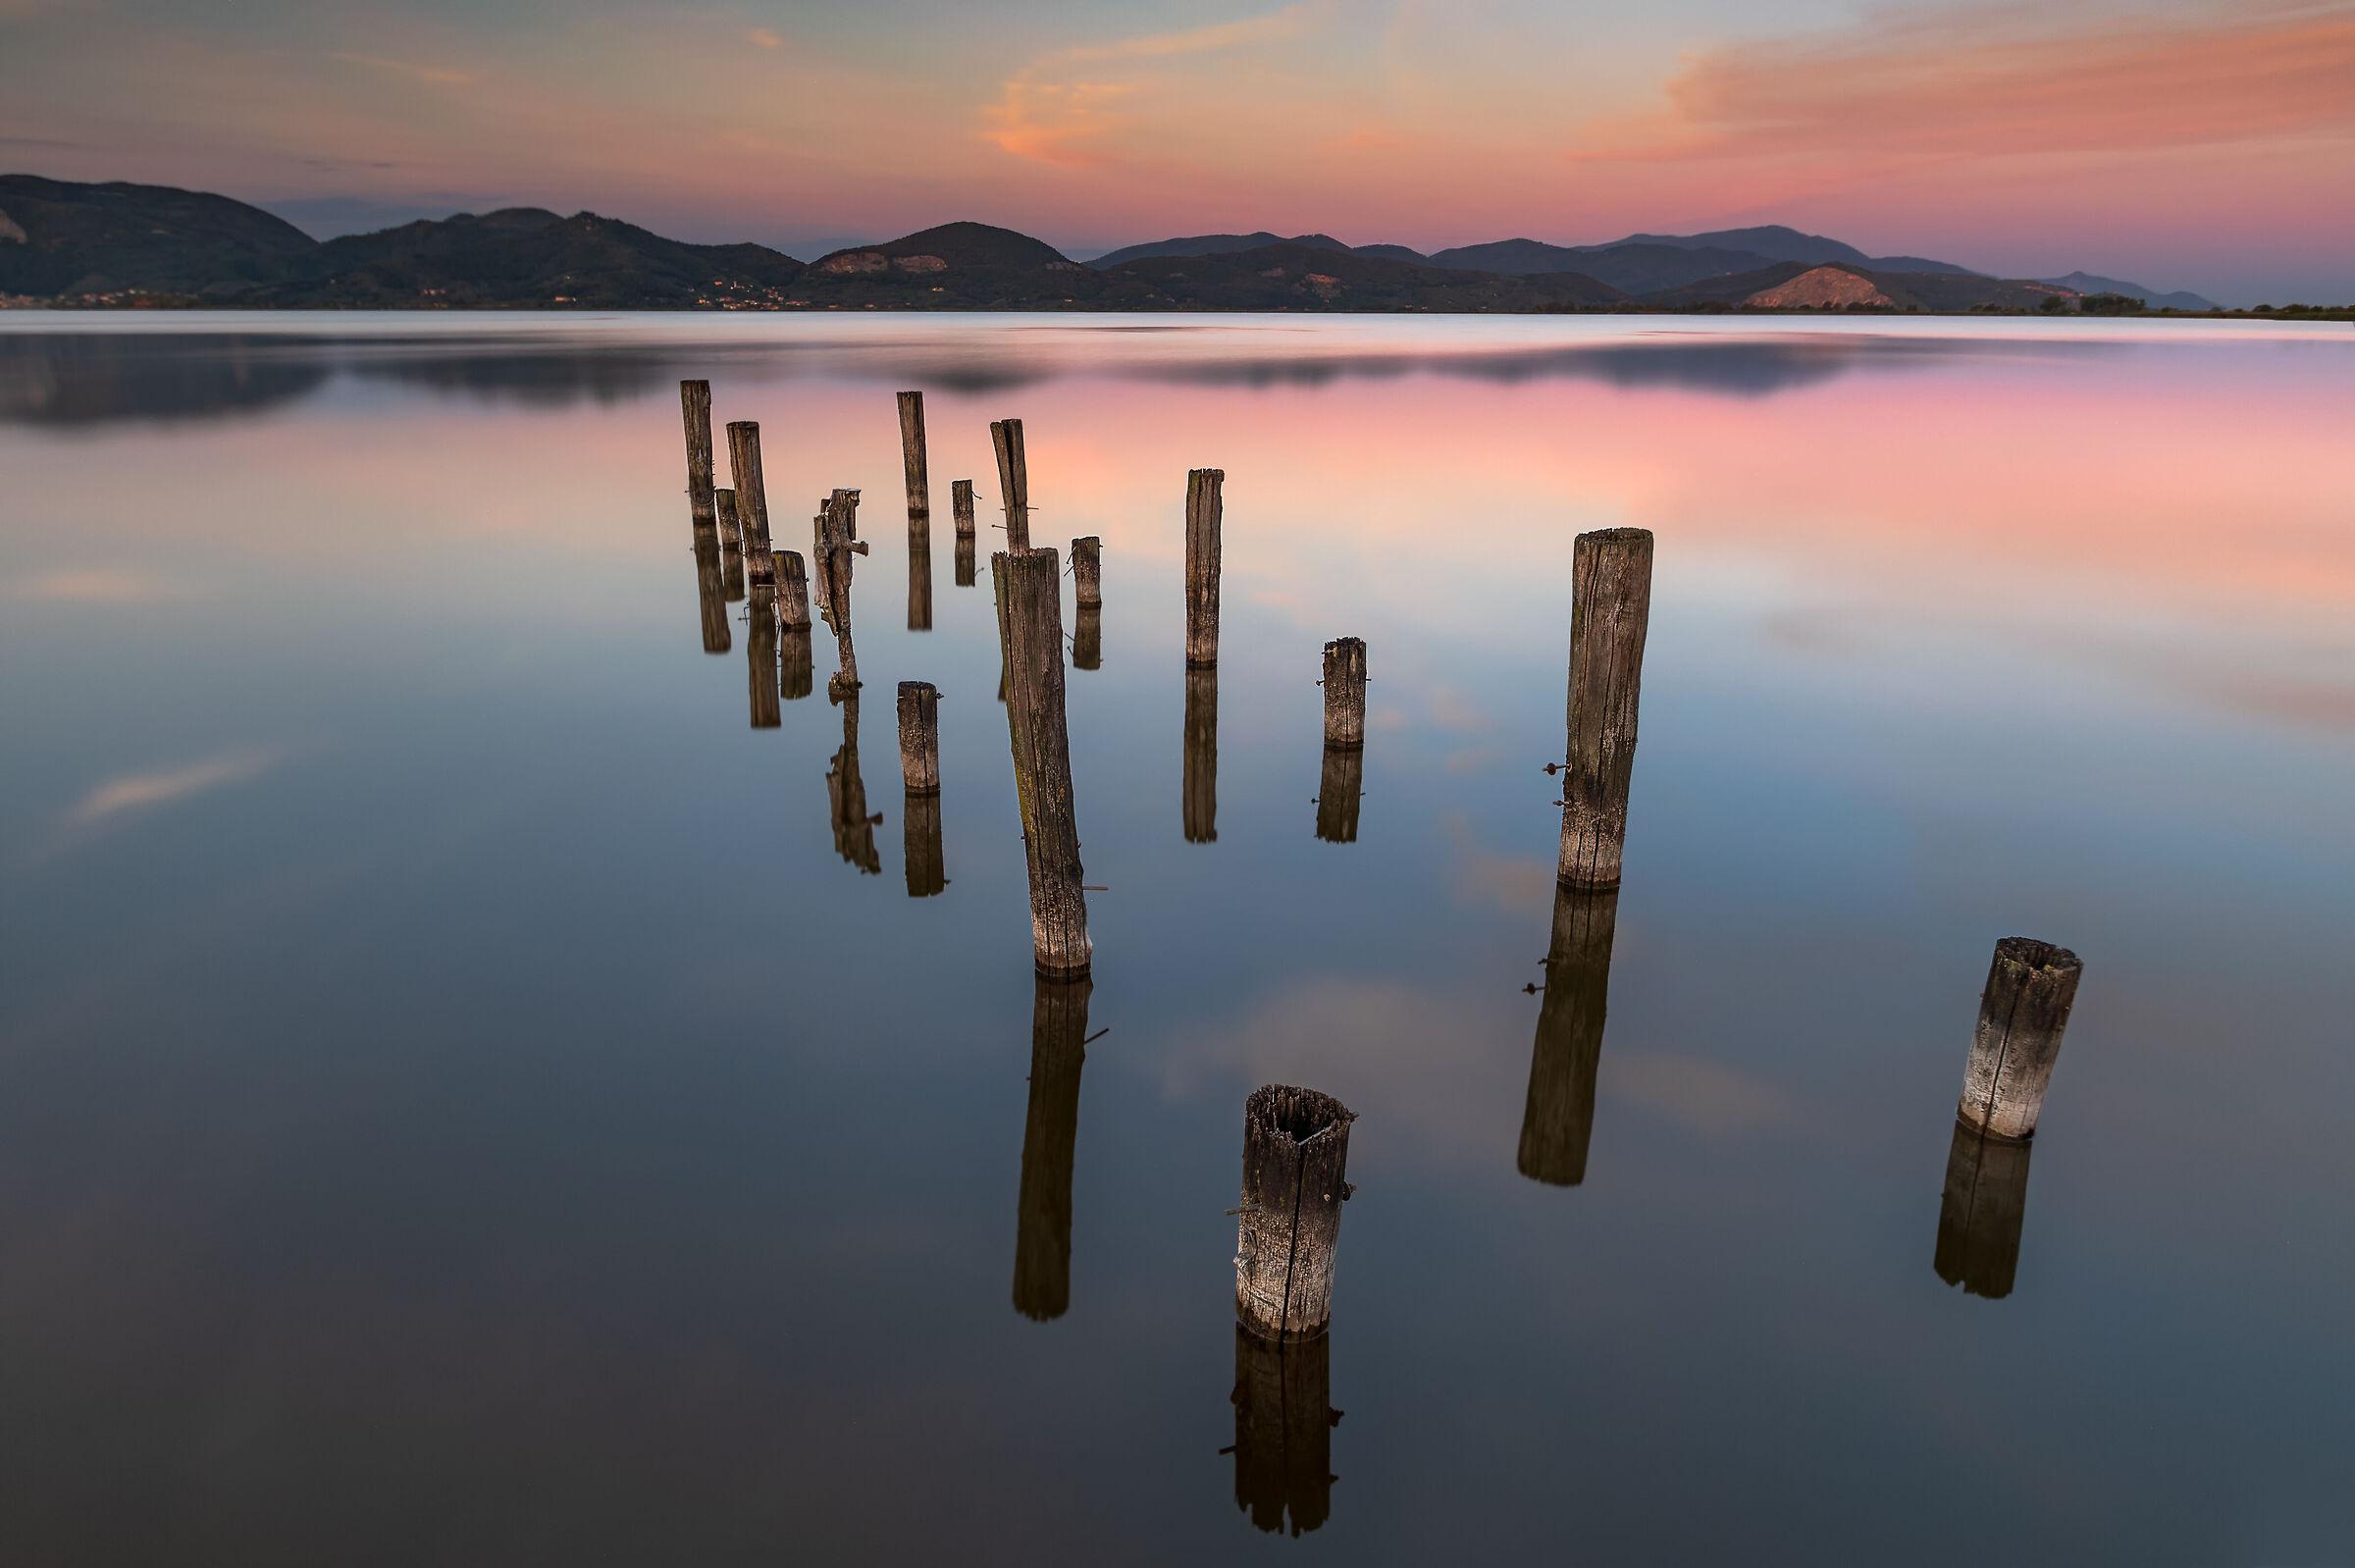 sunset at lake massaciucccoli...